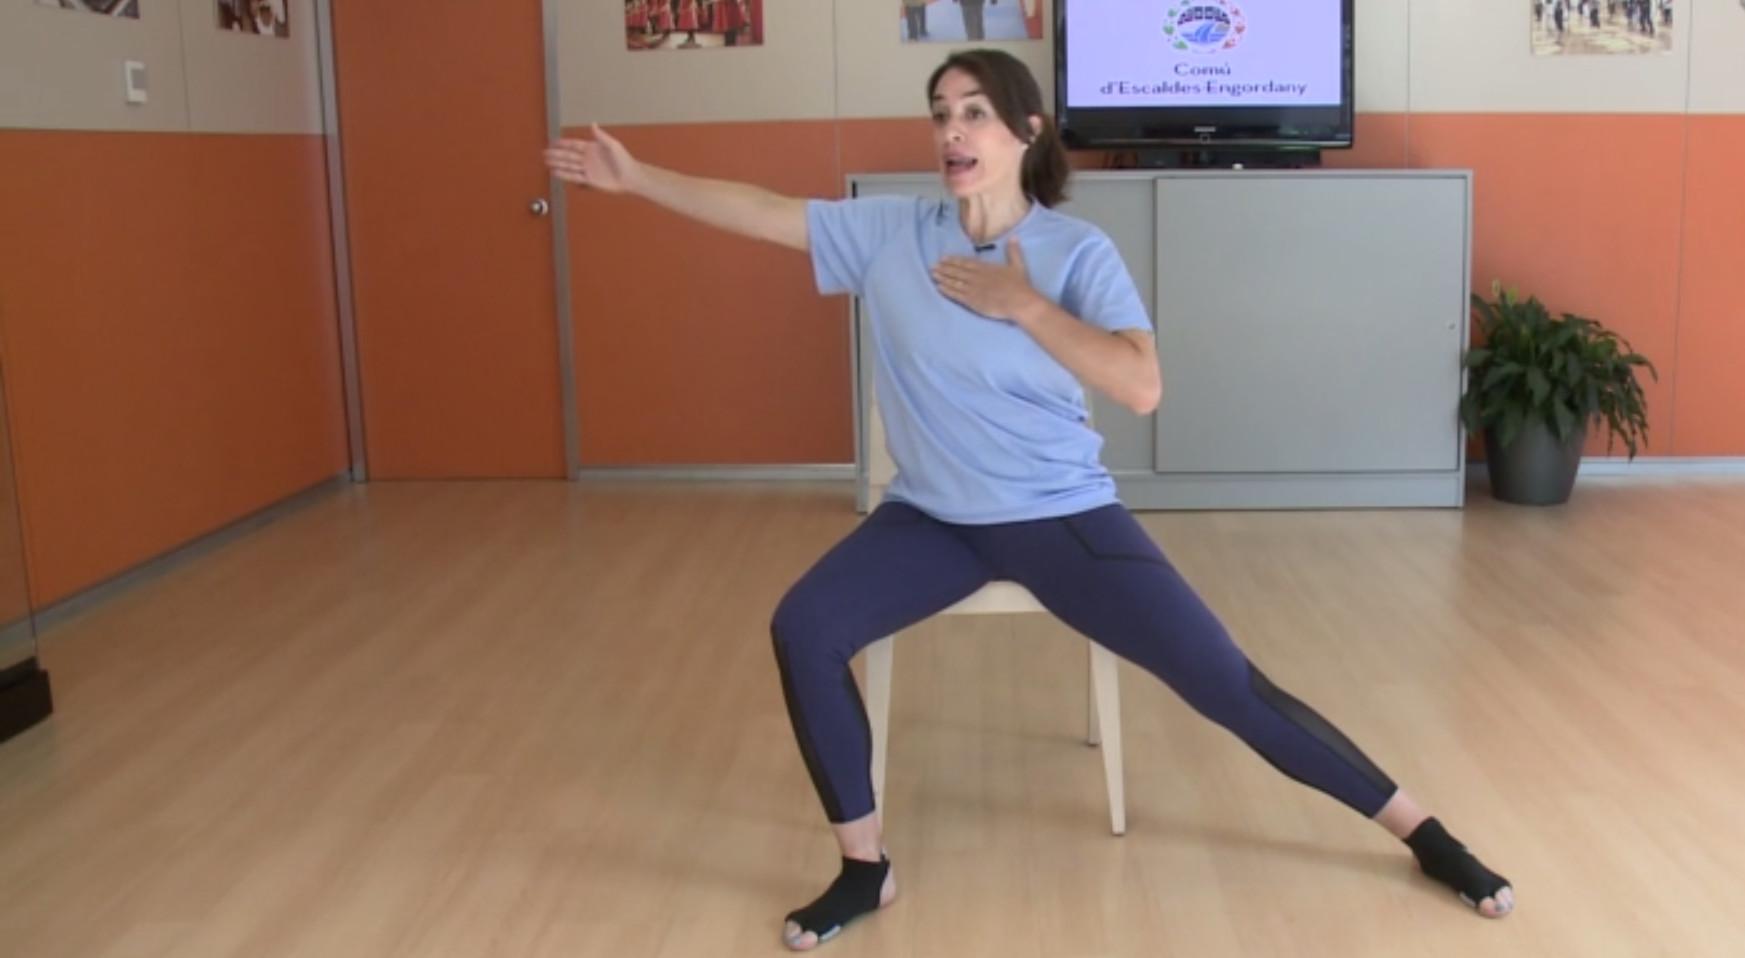 22 - Exercicis d'estiraments V